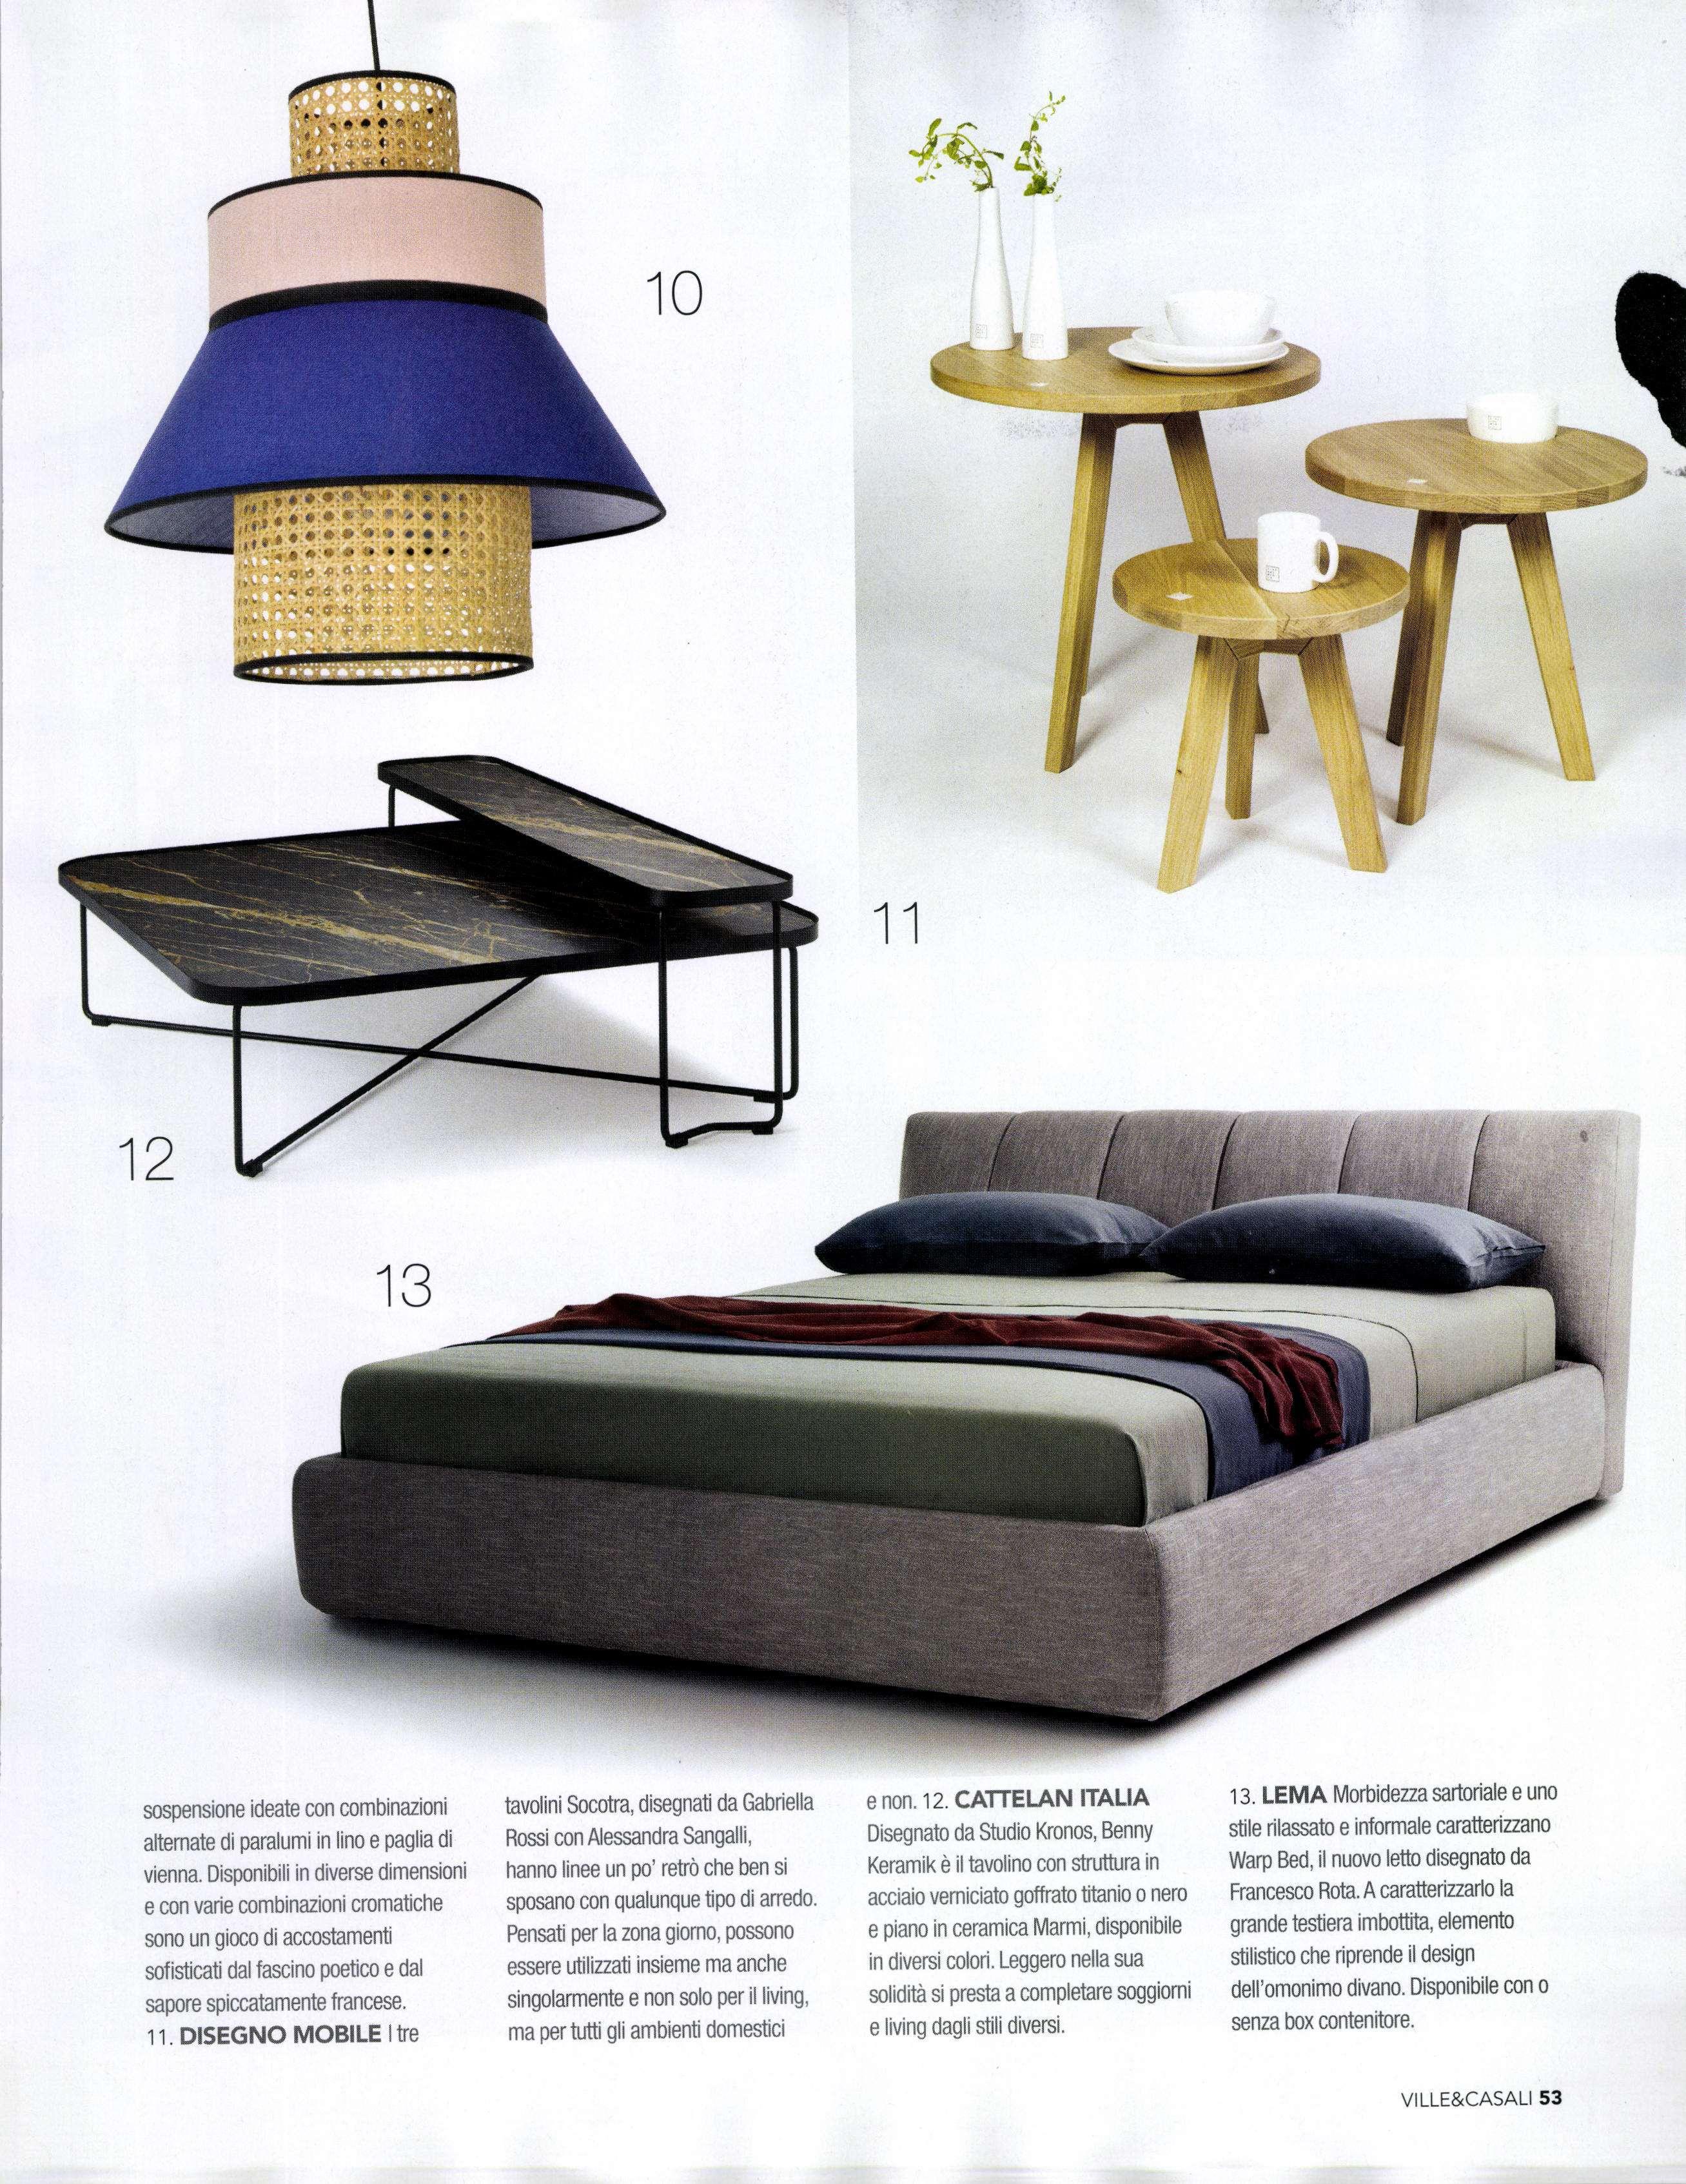 Arredamento Per Casali roche bobois paris arredamento mobili divani di design